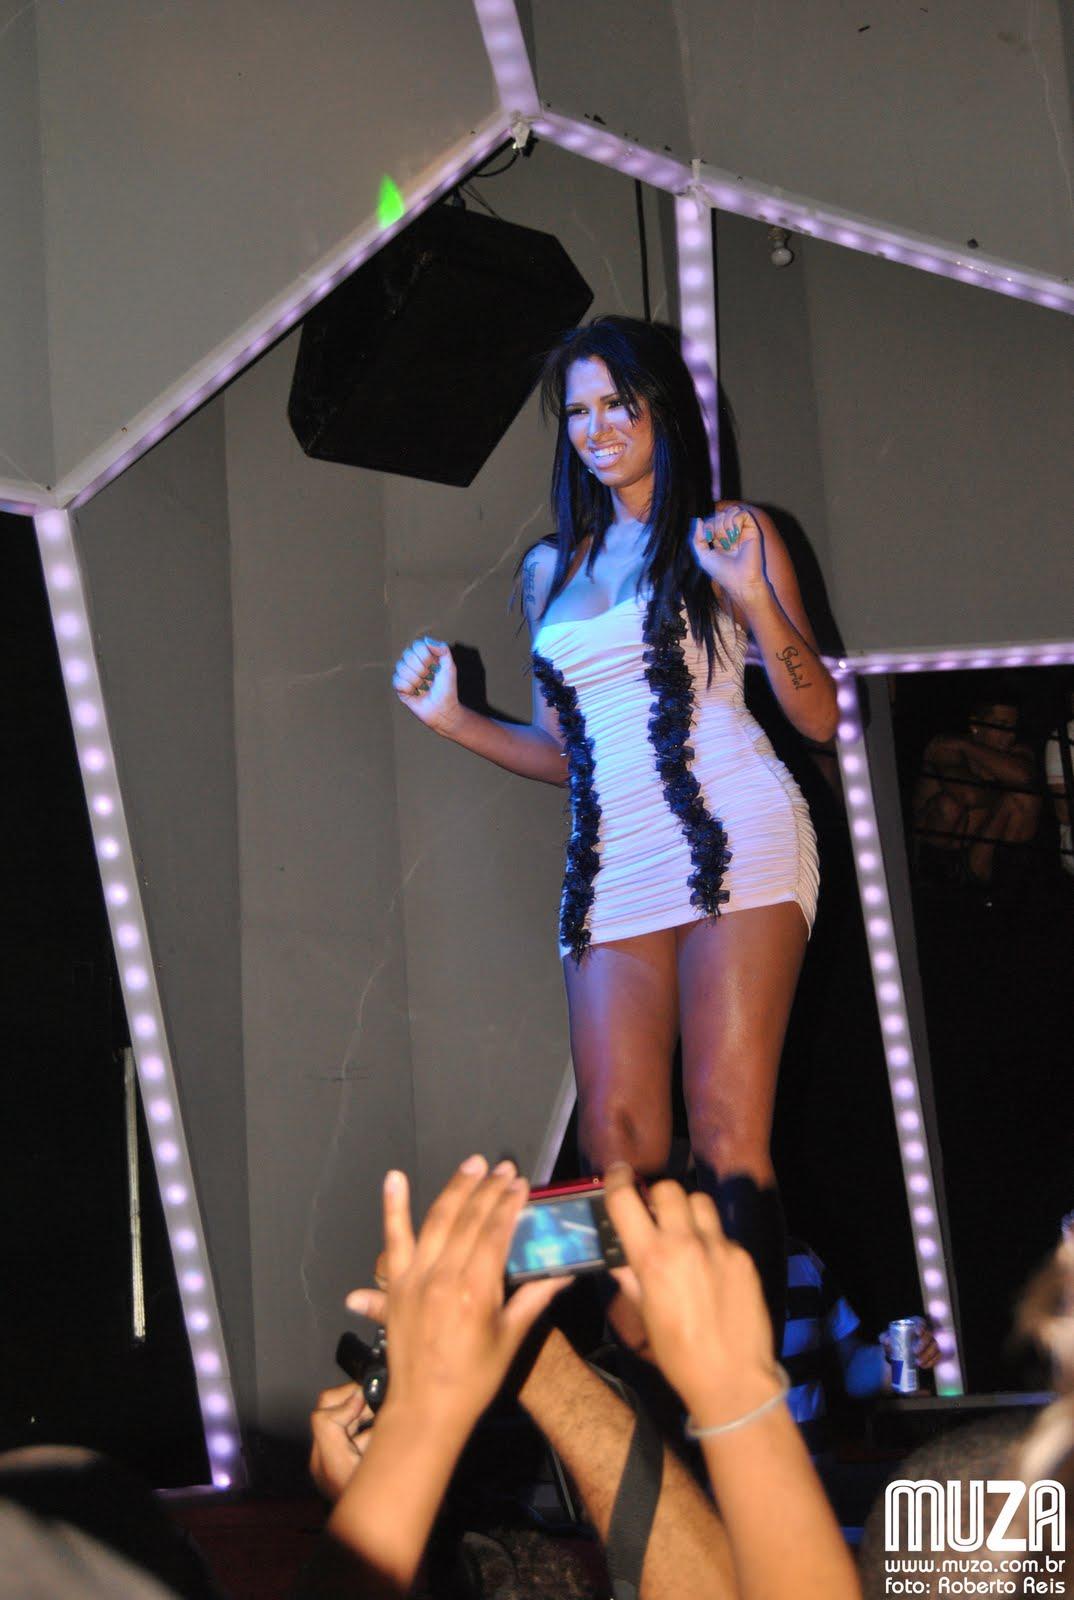 1 11 2011 travesti eu da calcinha fio branco da tania - 4 7